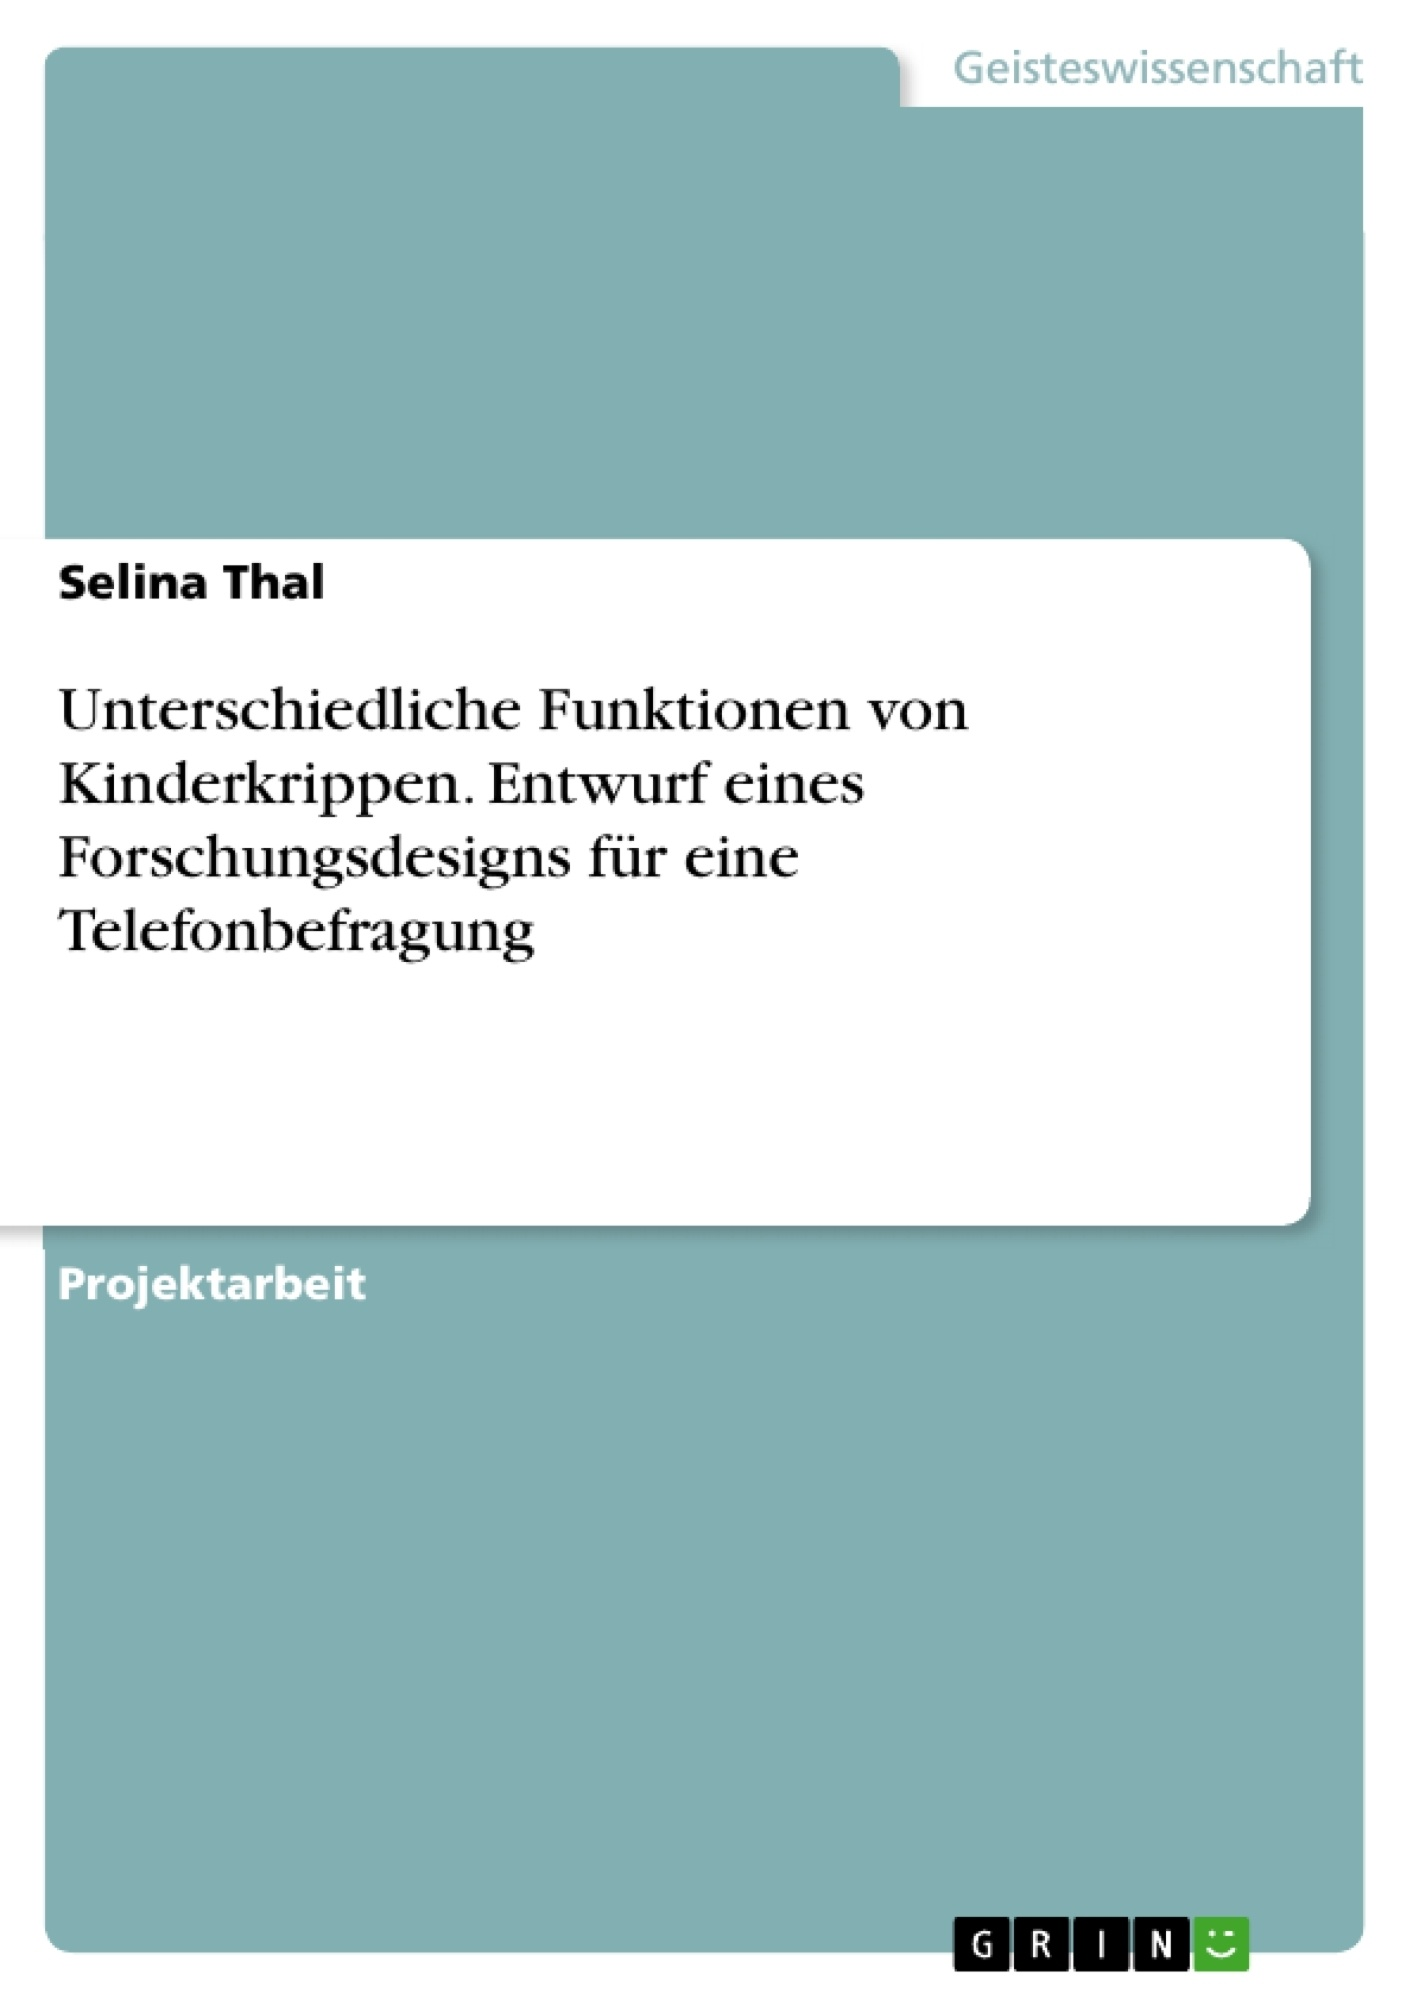 Titel: Unterschiedliche Funktionen von Kinderkrippen. Entwurf eines Forschungsdesigns für eine Telefonbefragung